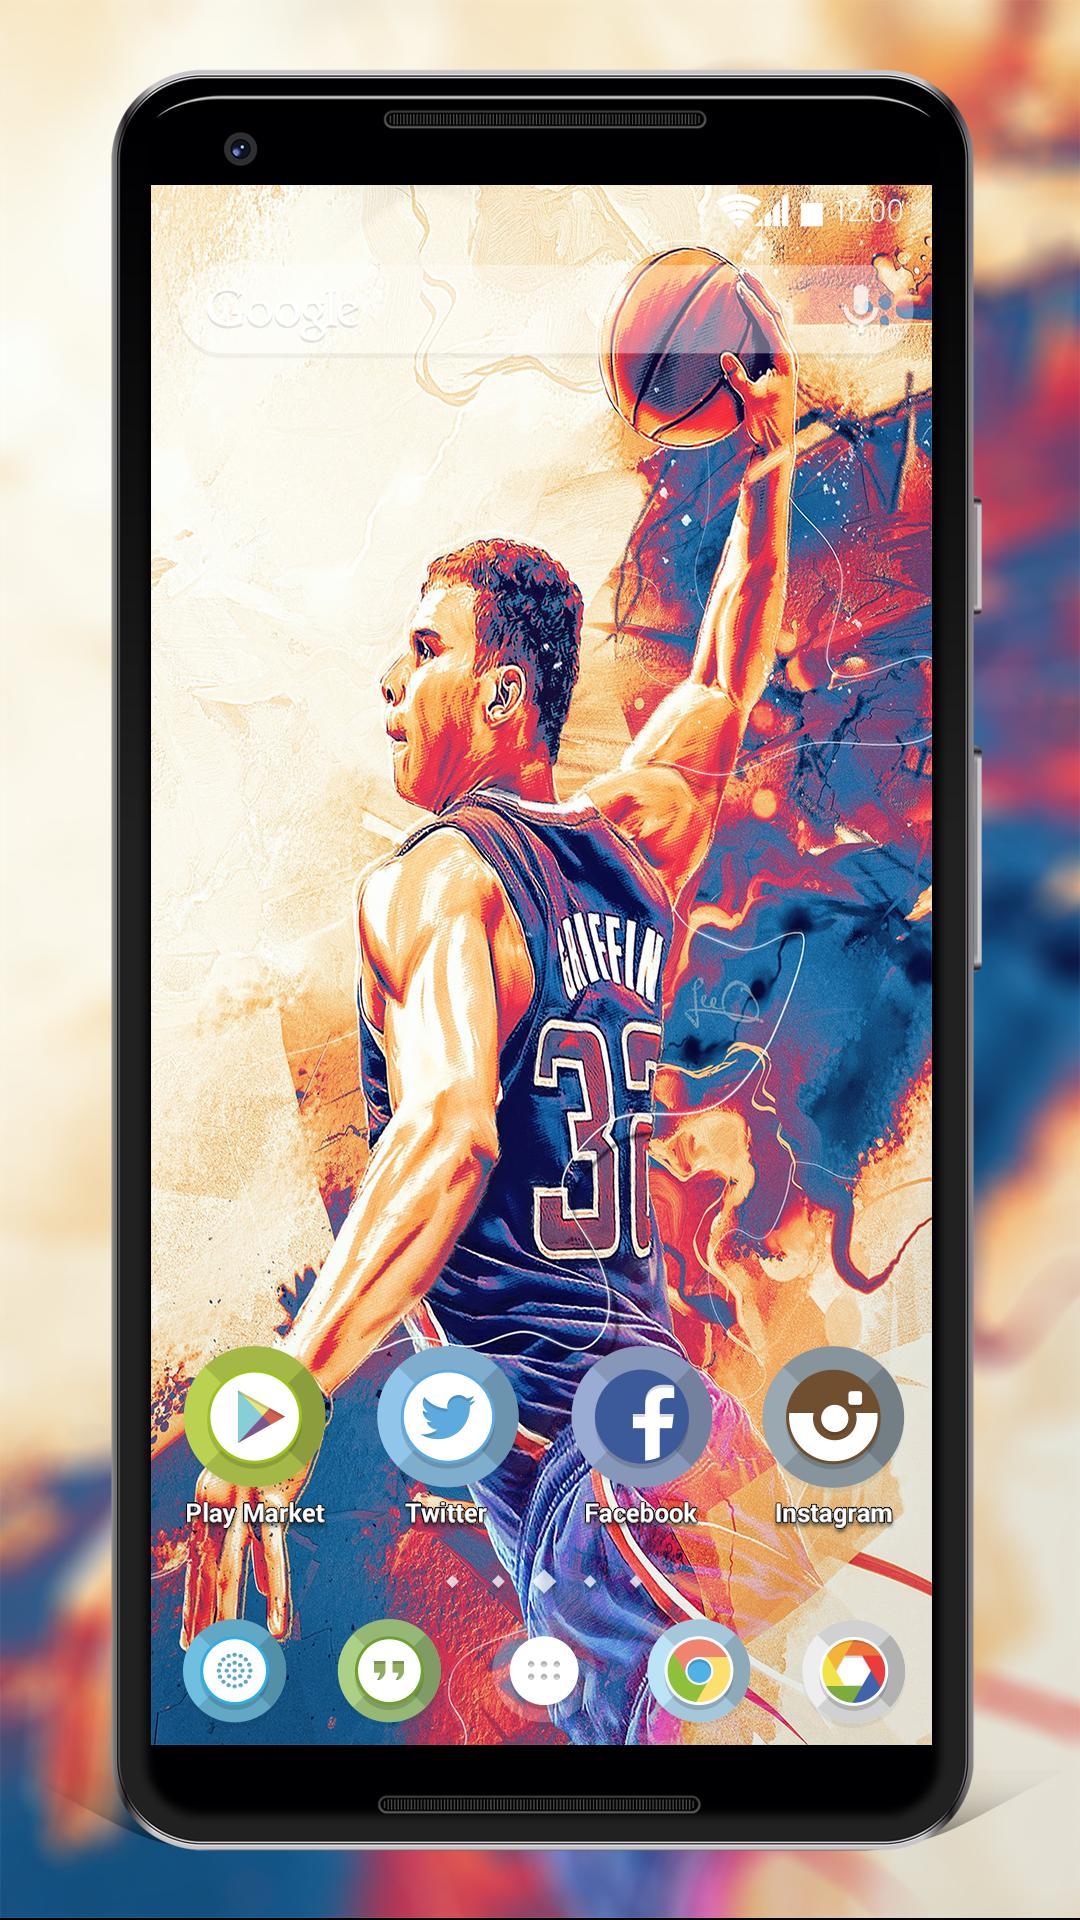 Hd Nba Wallpapers Android Wallpapershit